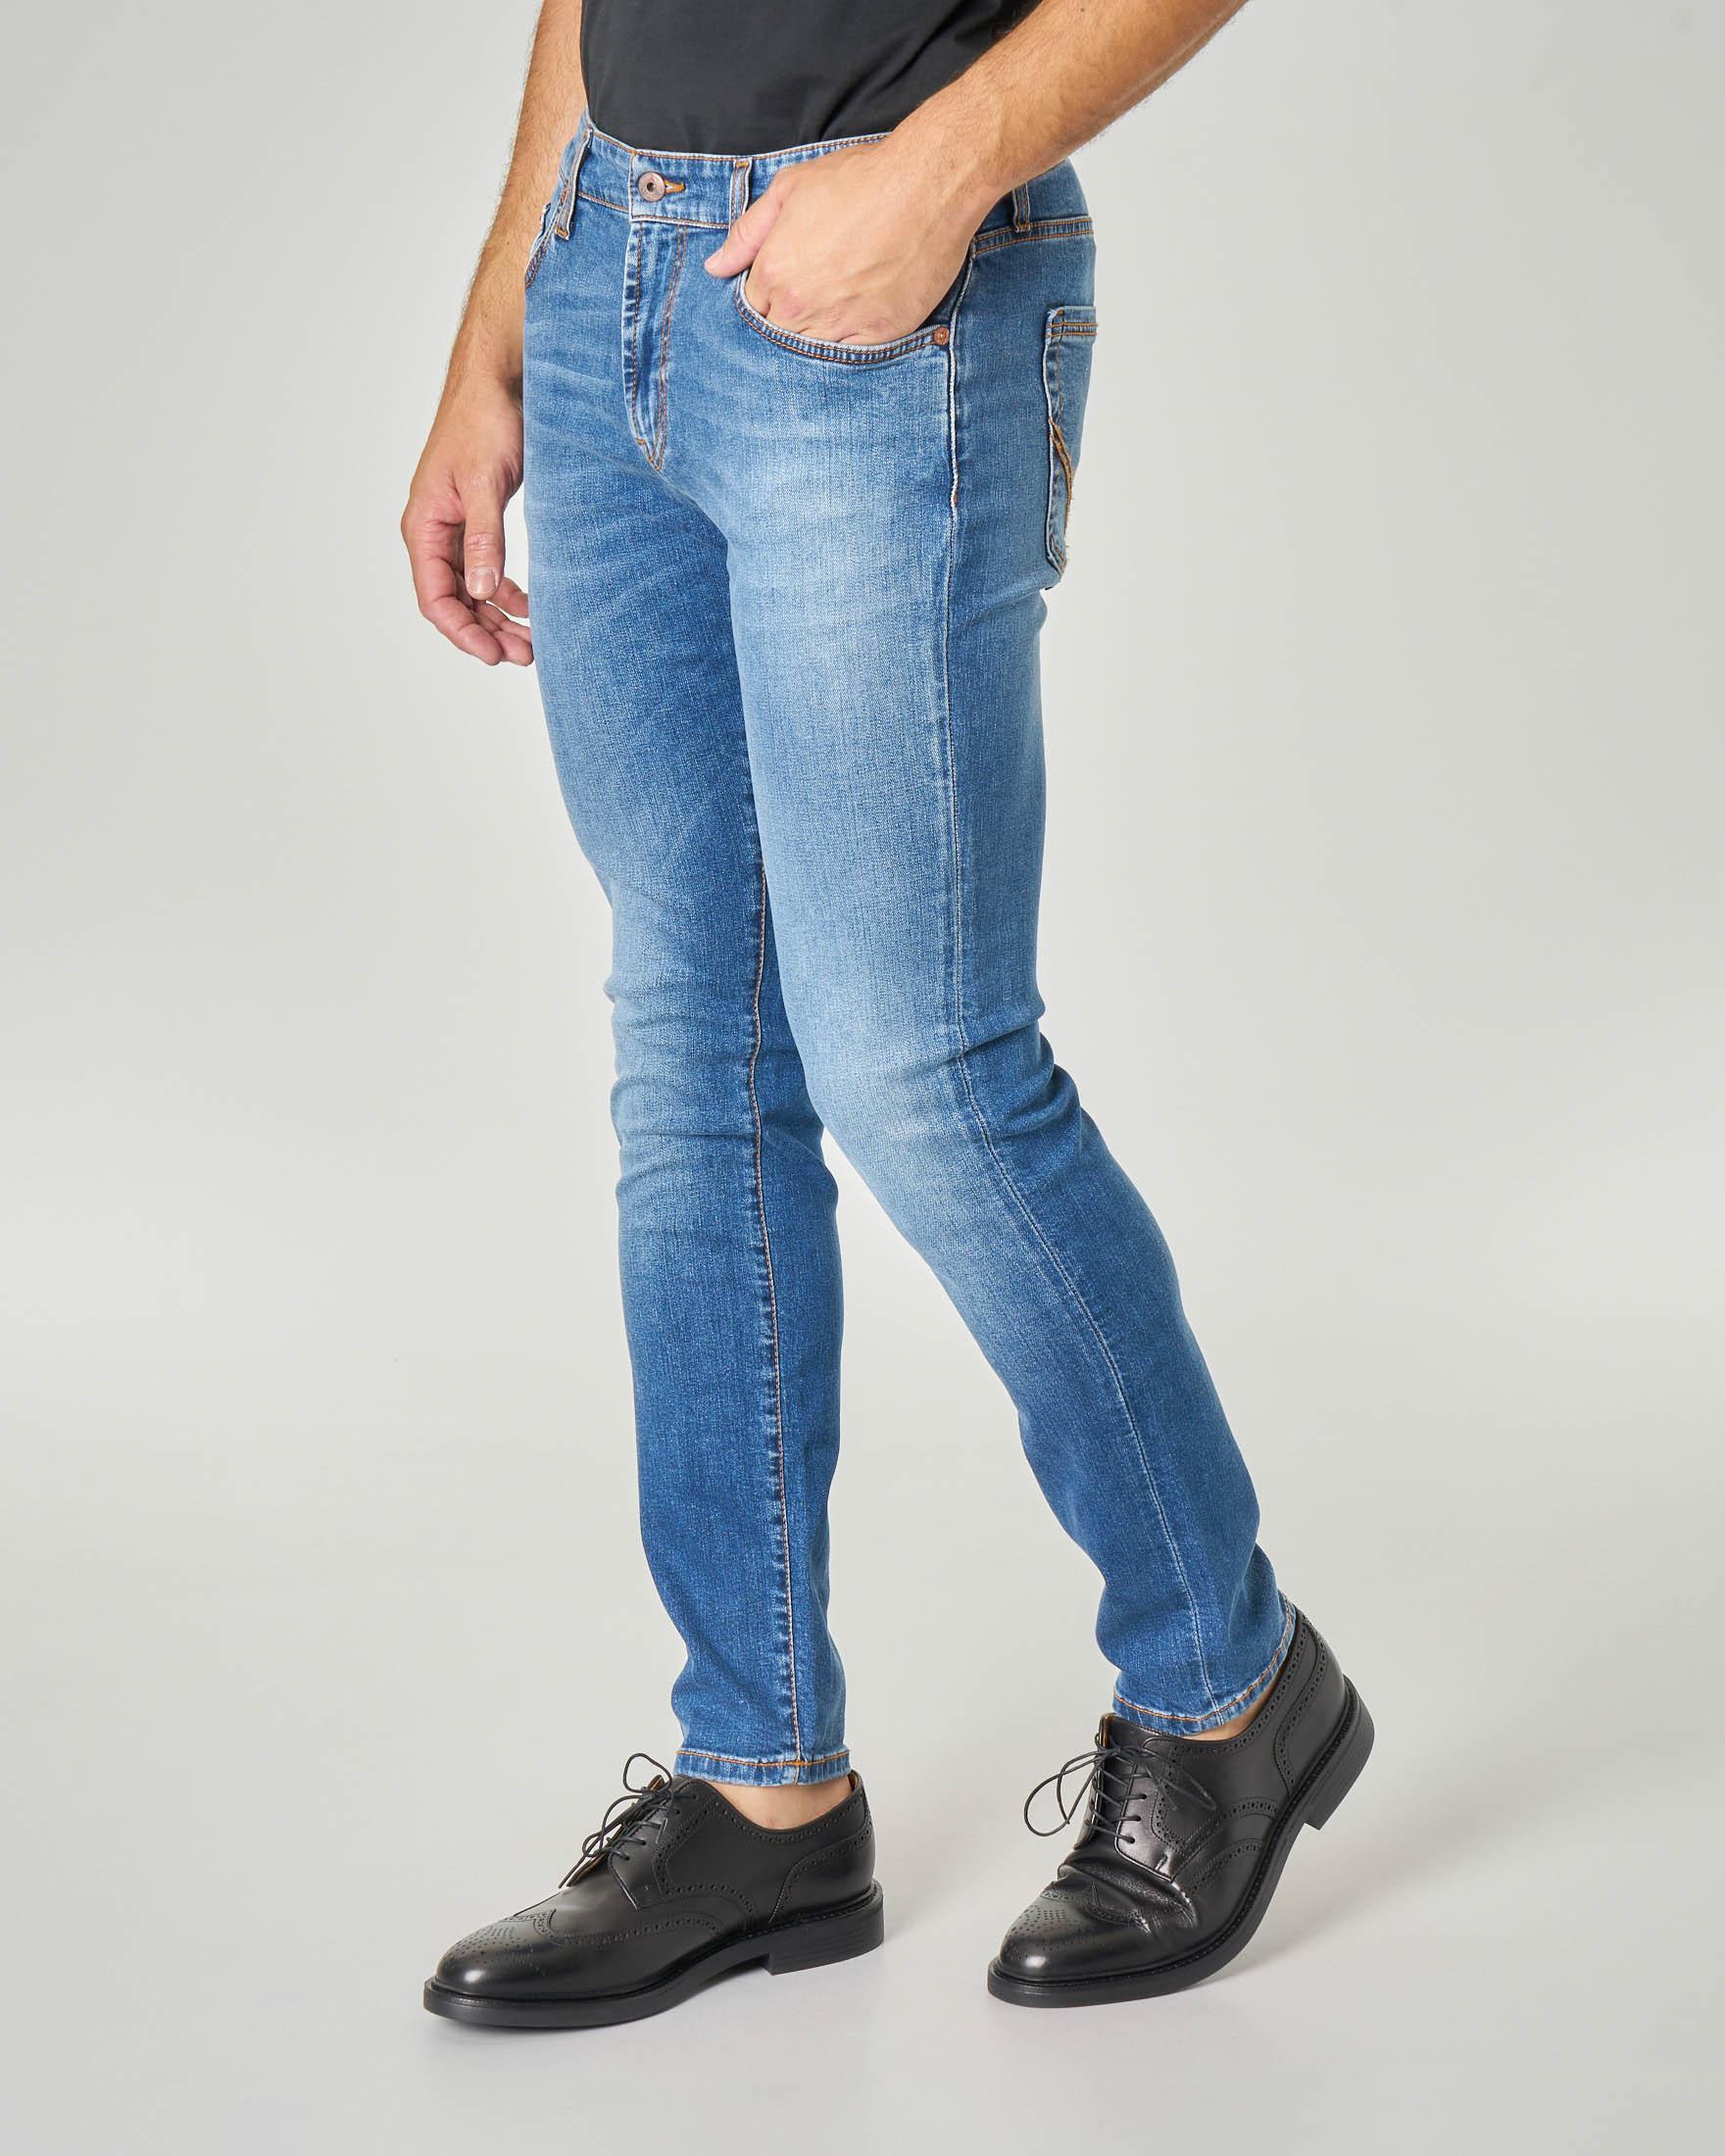 Jeans 317 Naos Campa lavaggio super stone wash